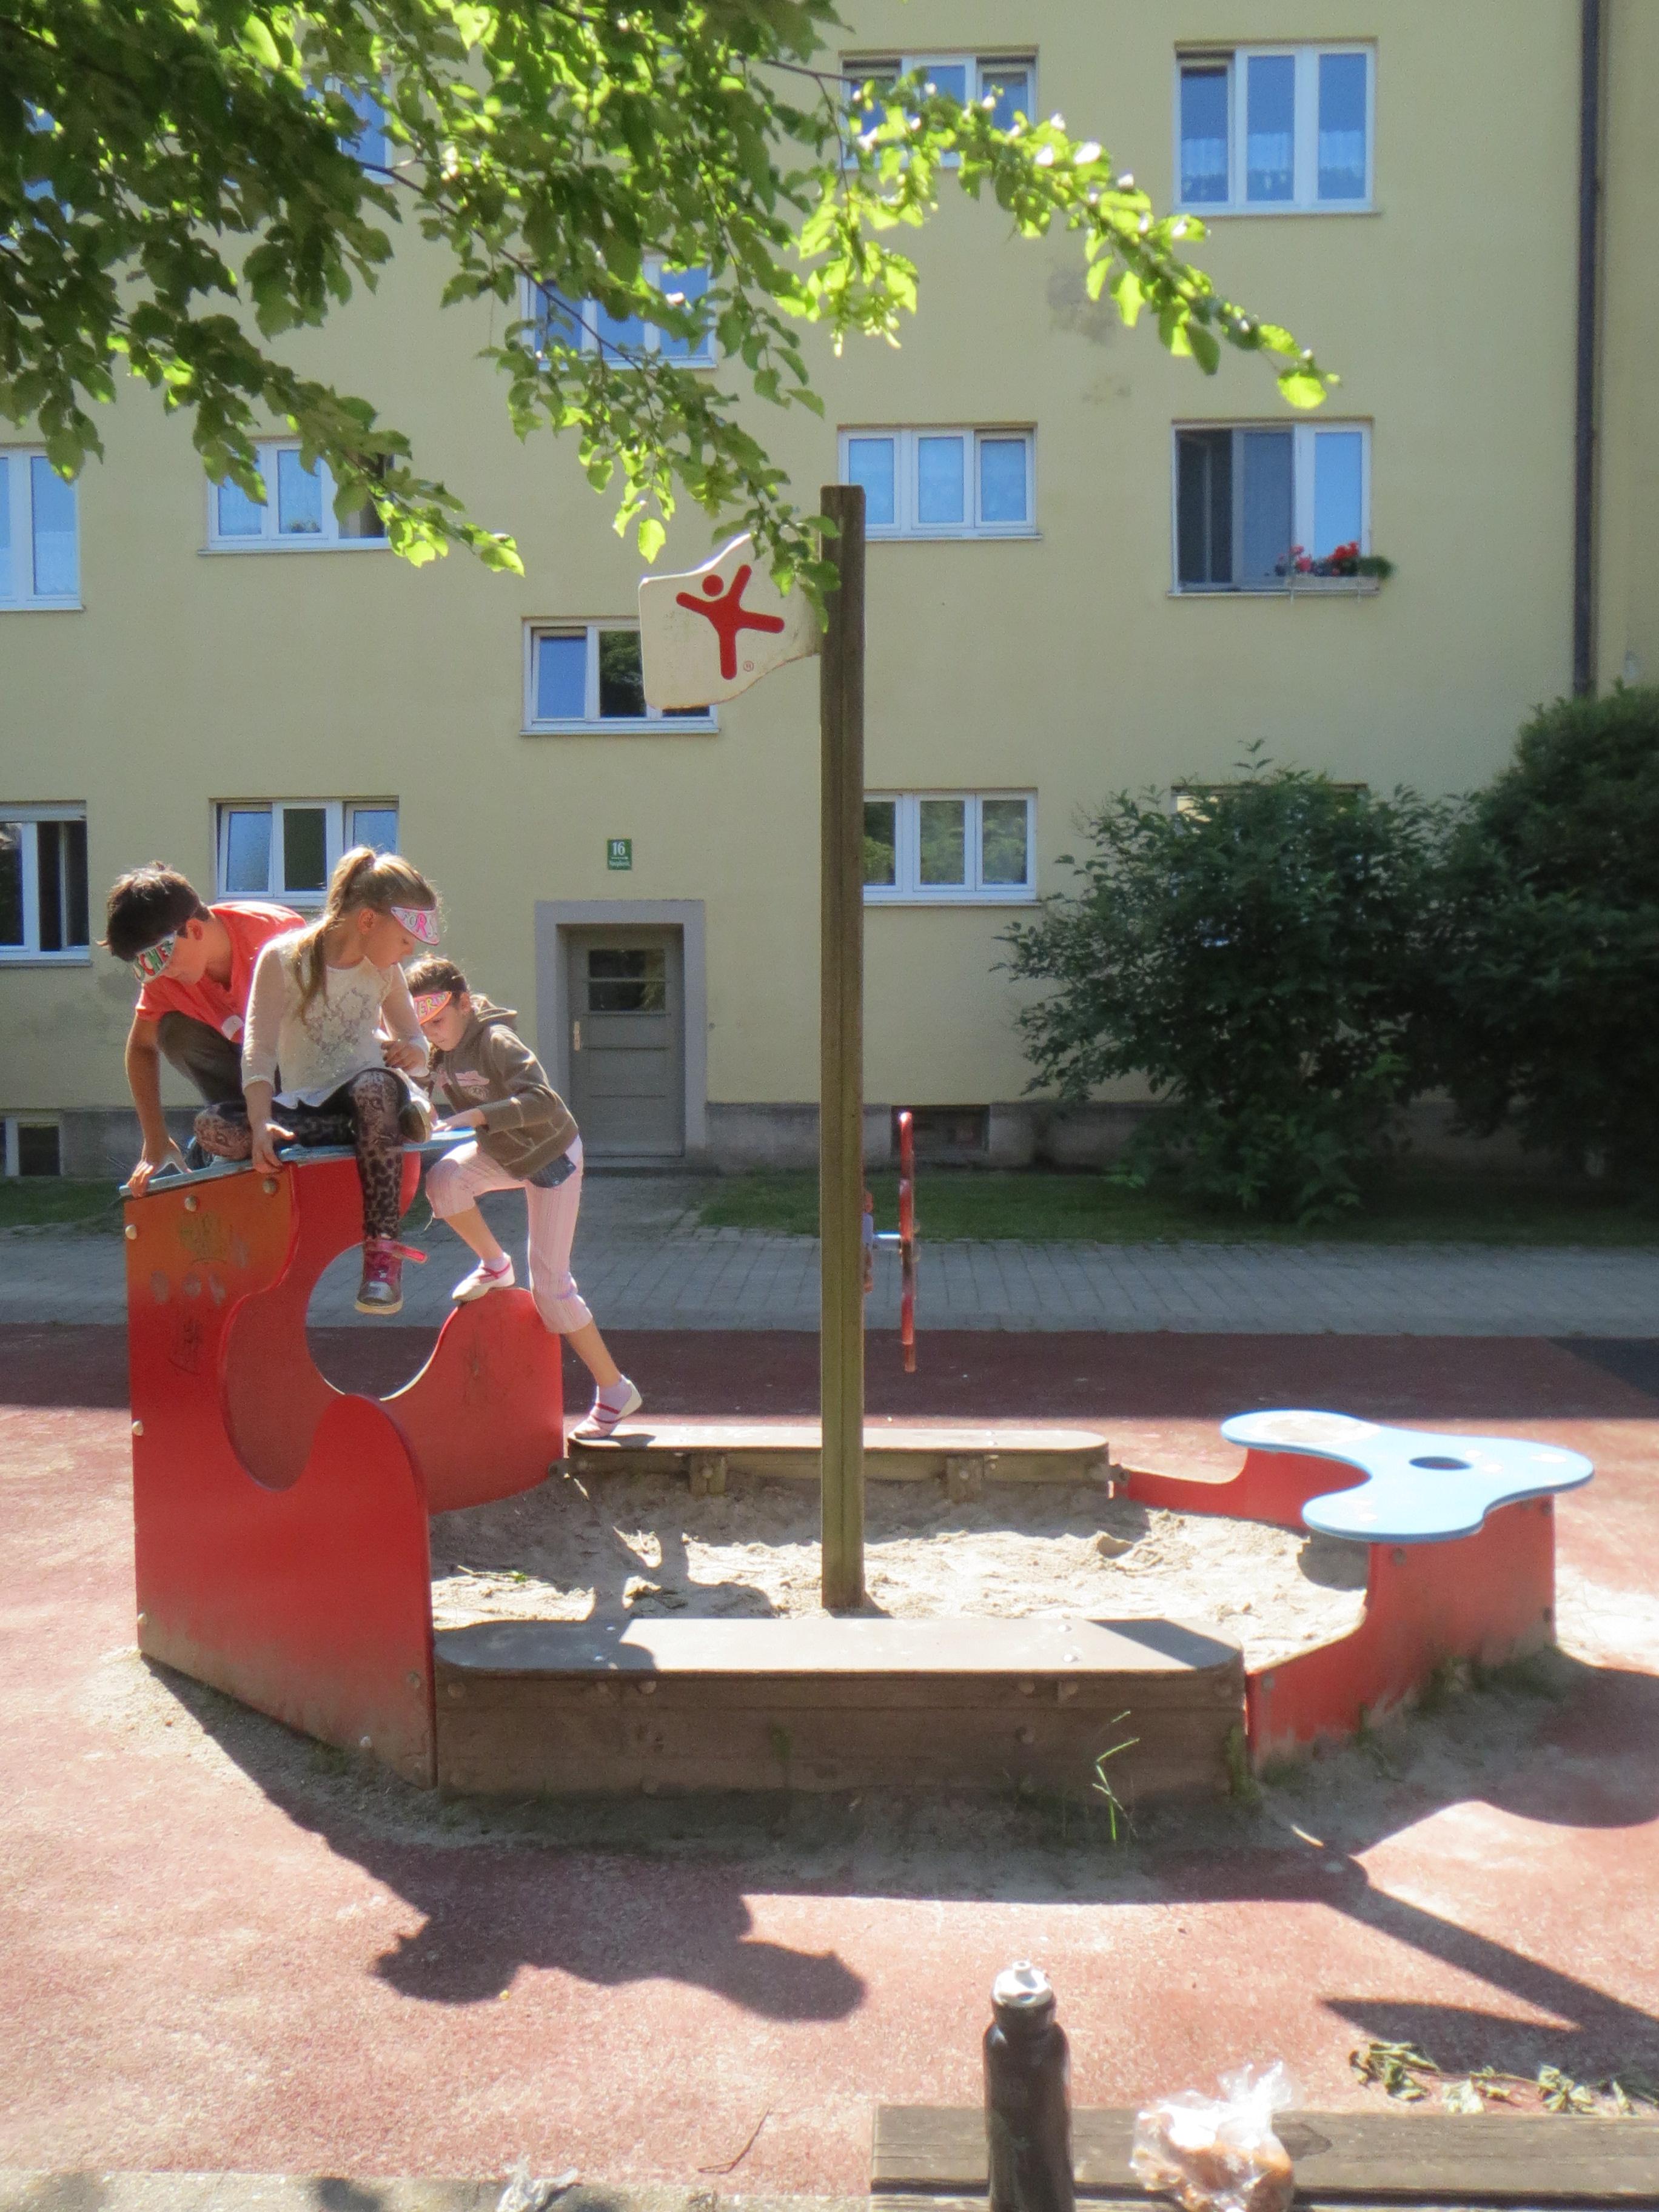 Rotbuchen_InnenhofEN_Schiff_12.06.15_LK (2).JPG